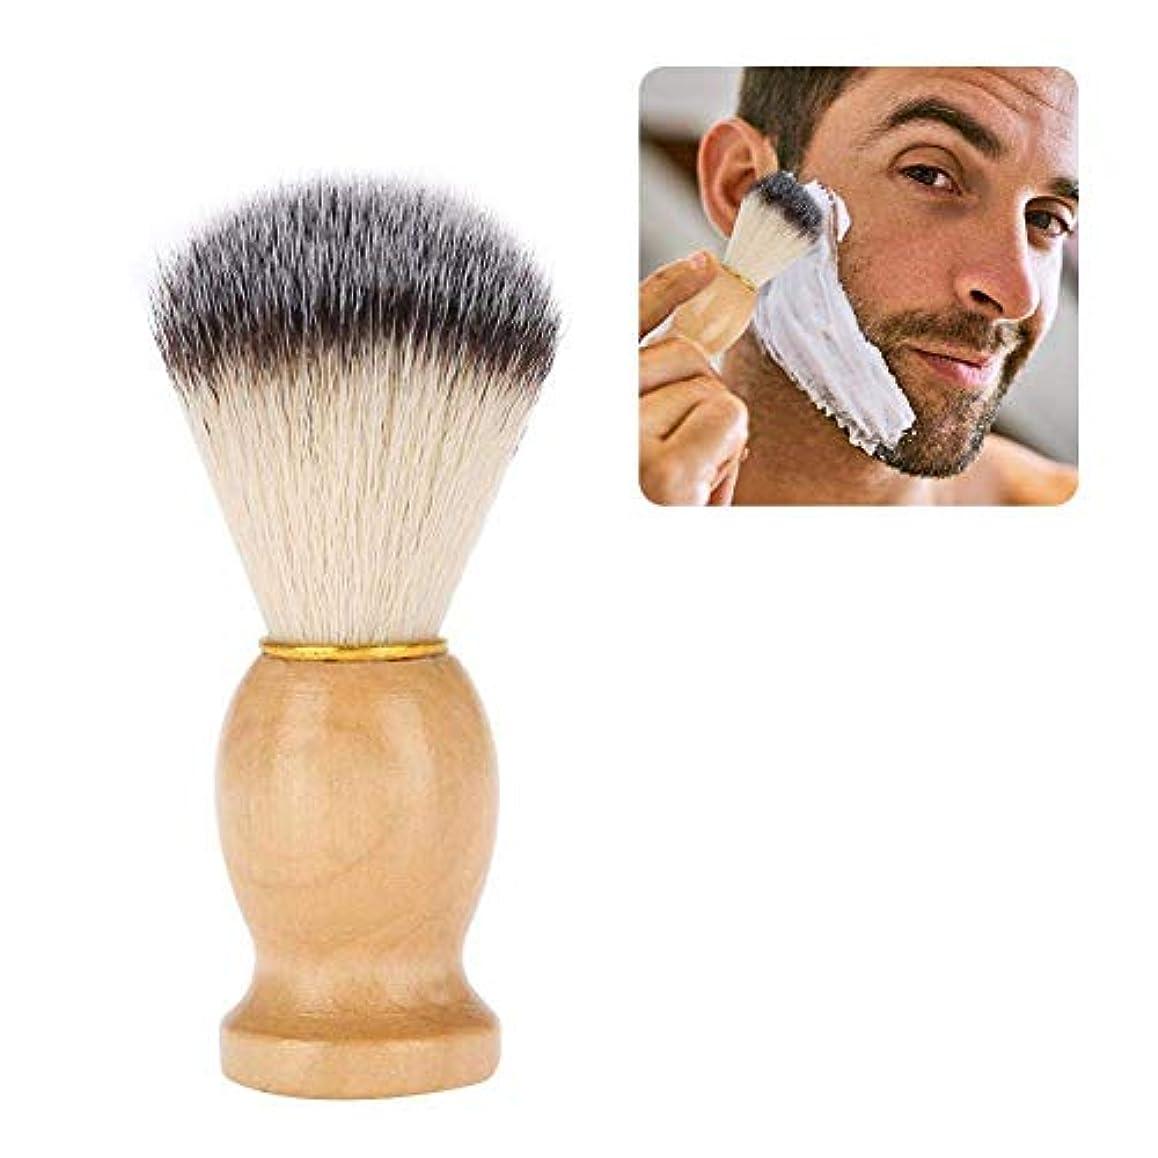 食器棚示す浸漬1個 シェービングブラシ 髭剃り メンズ ポータブルひげ剃り美容ツール